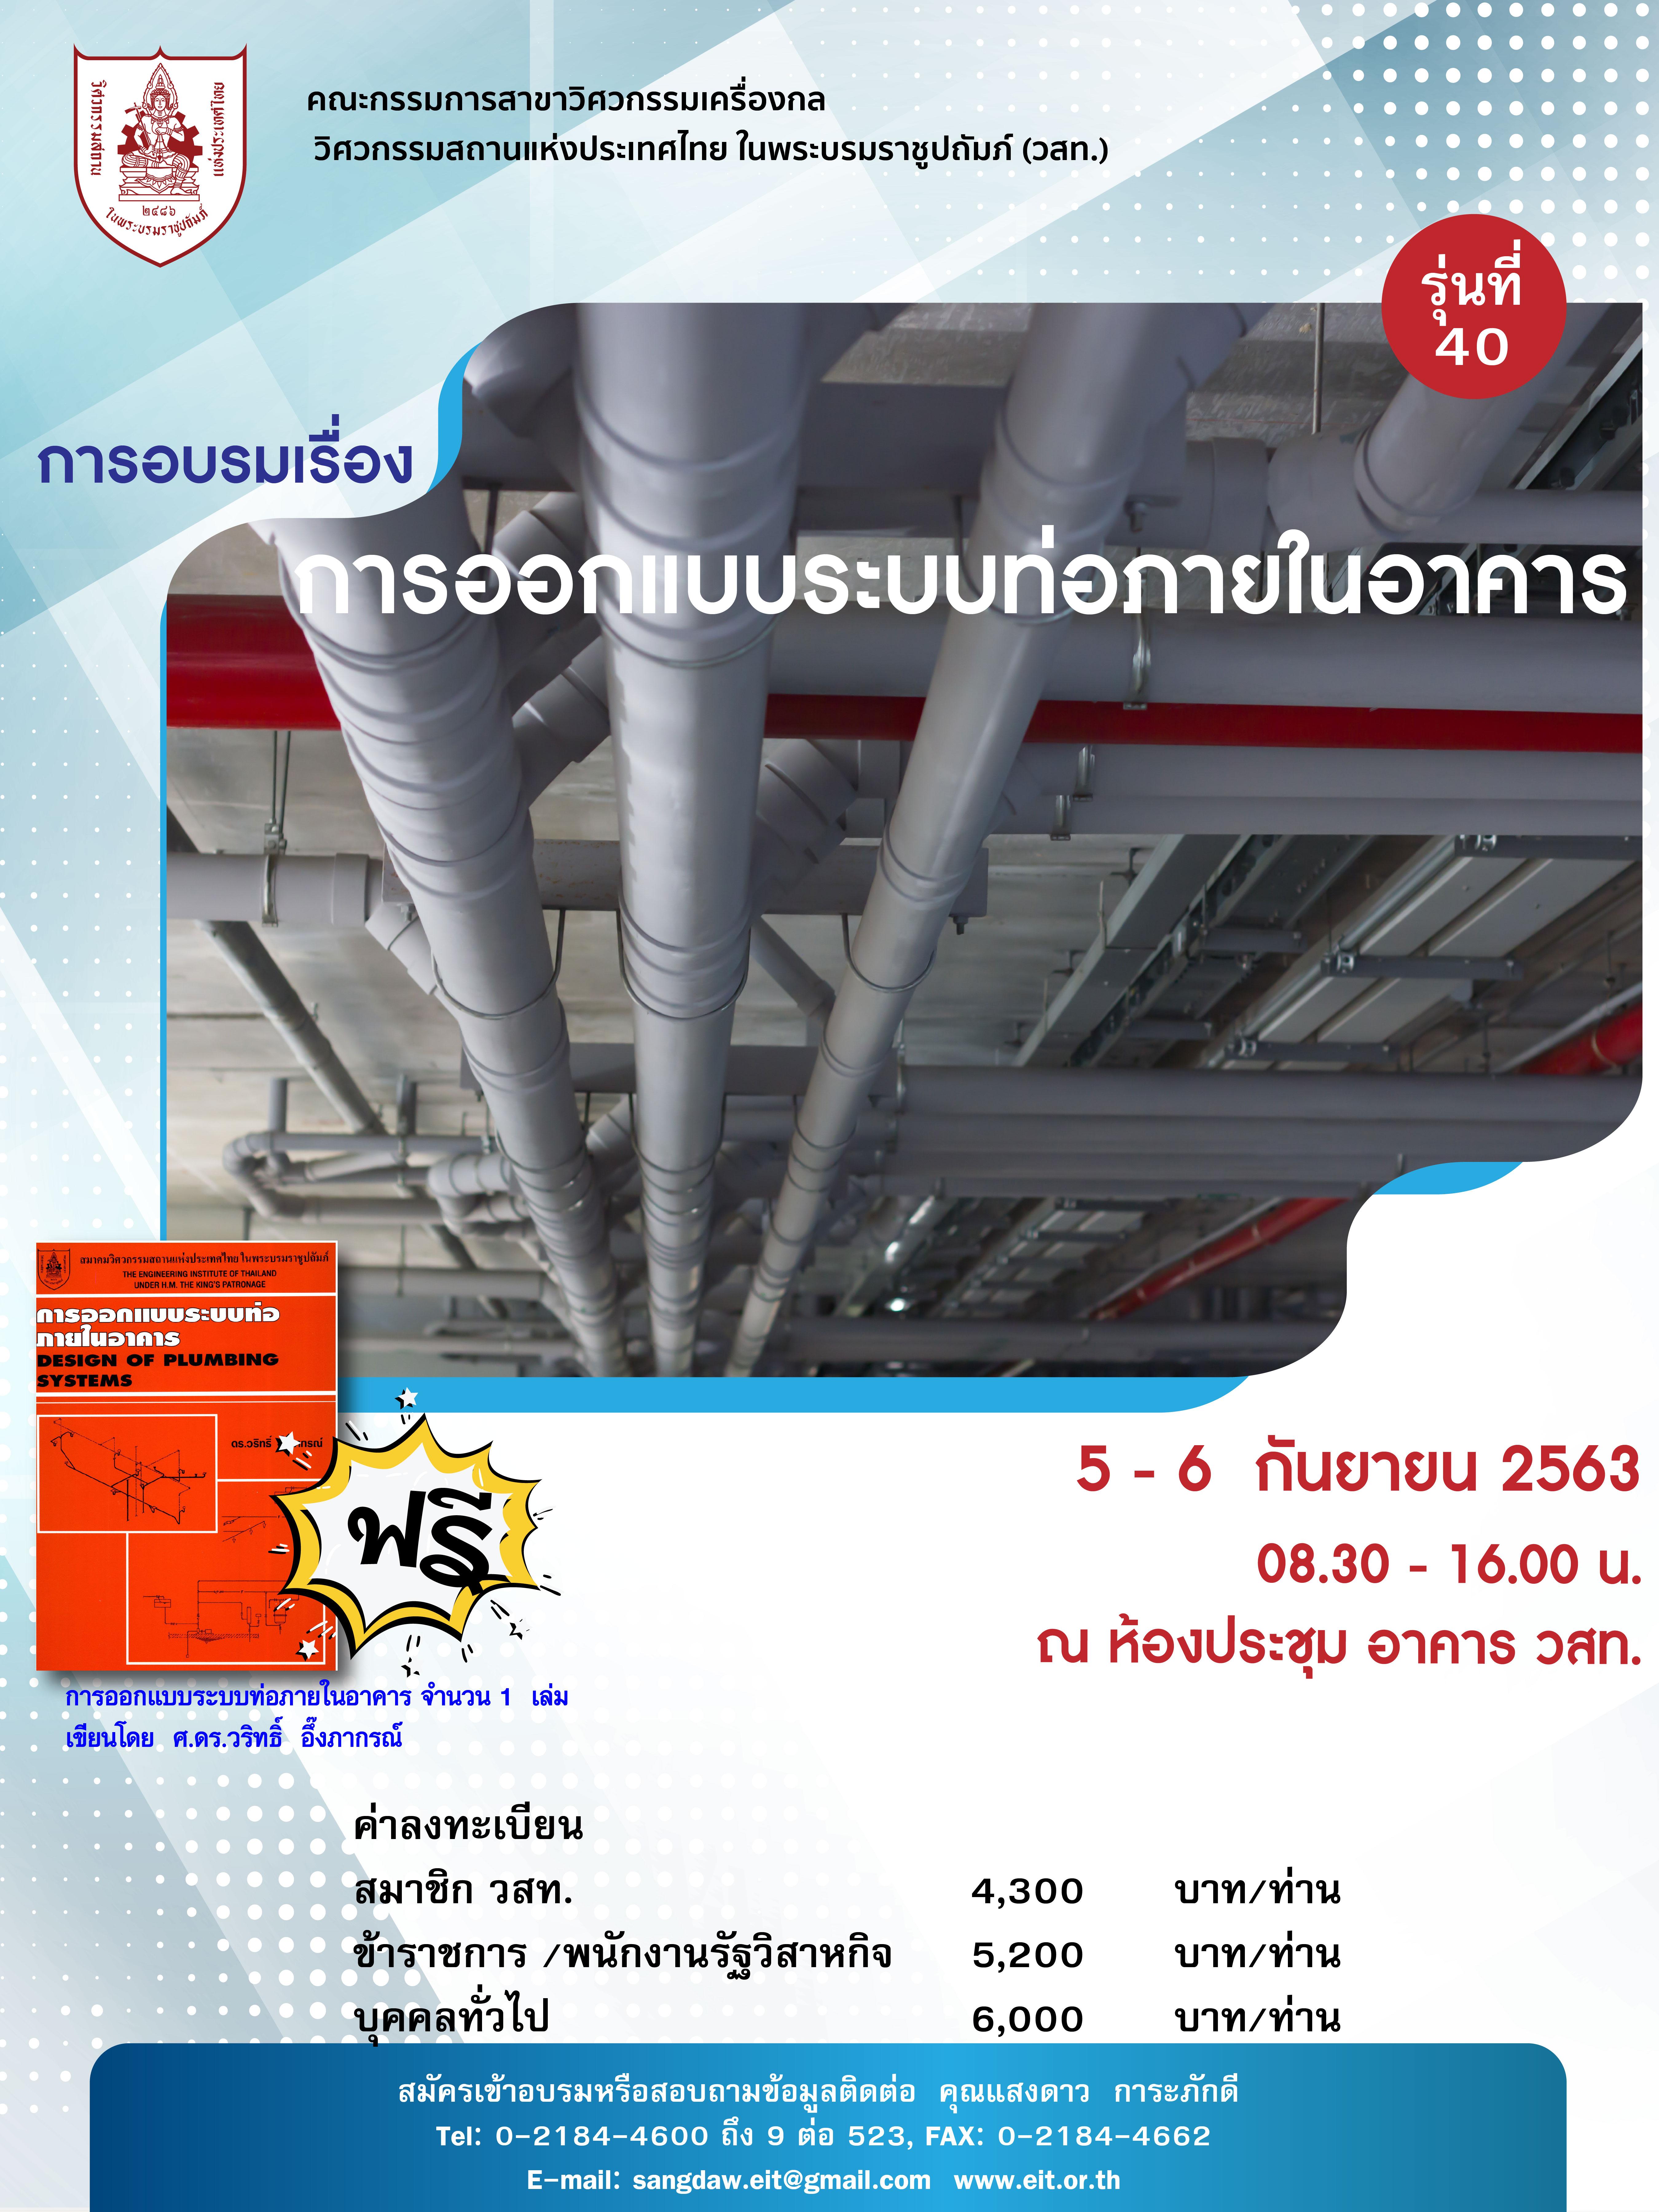 5-6/09/2563 การออกแบบระบบท่อภายในอาคาร  รุ่นที่  40